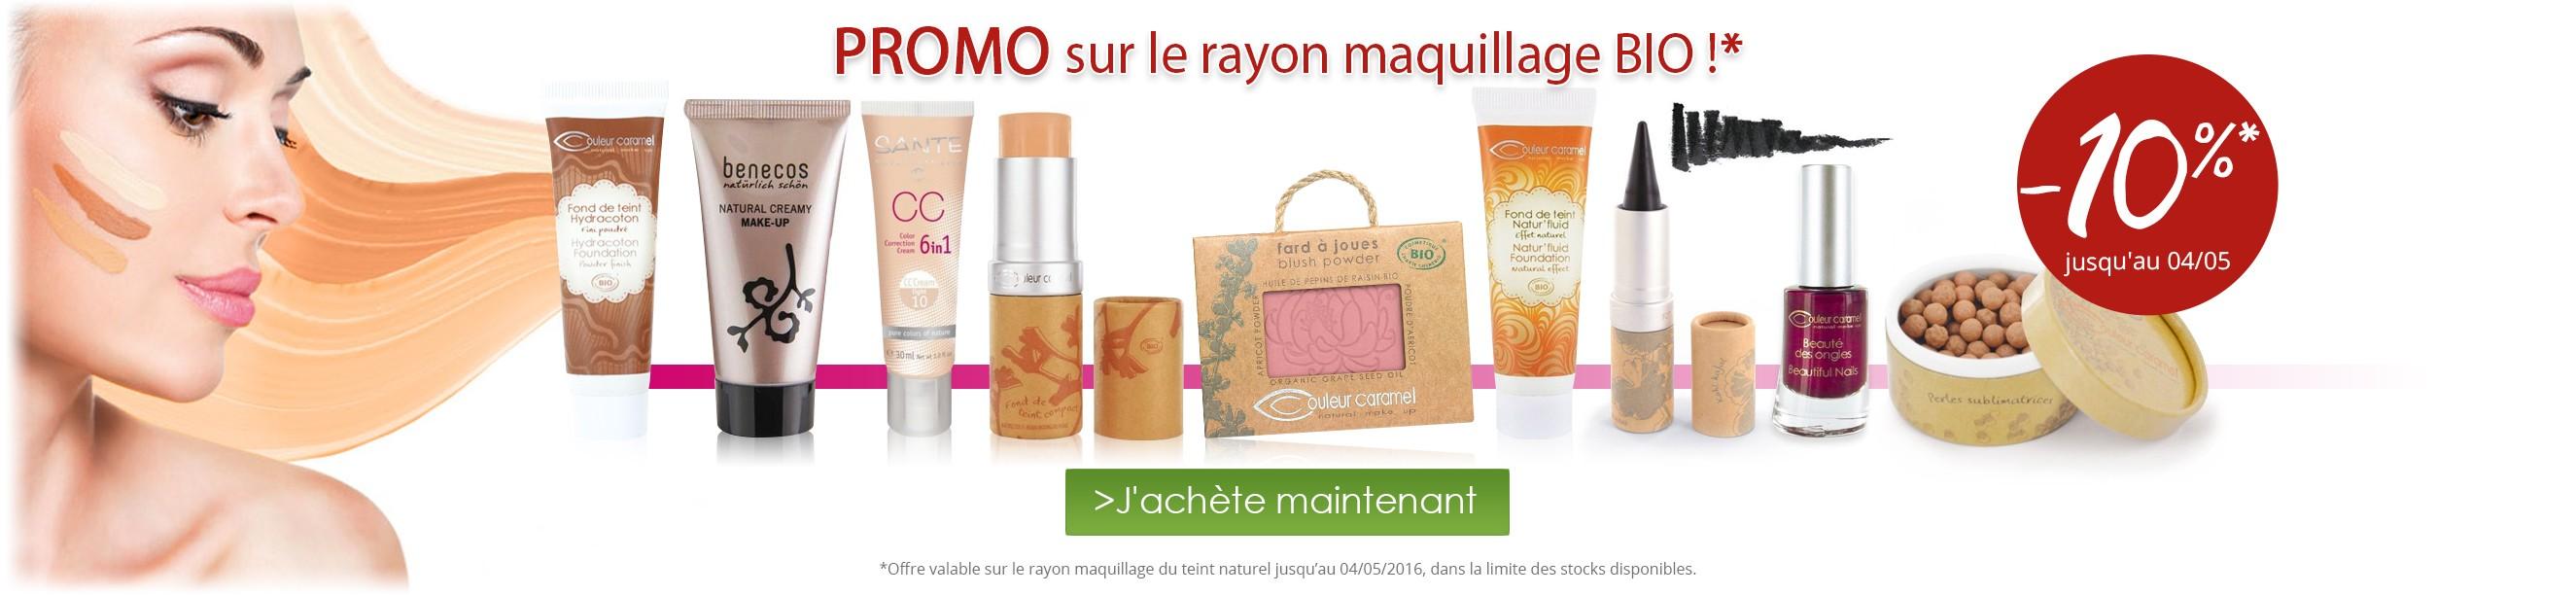 -10% de réduction sur le rayon Maquillage